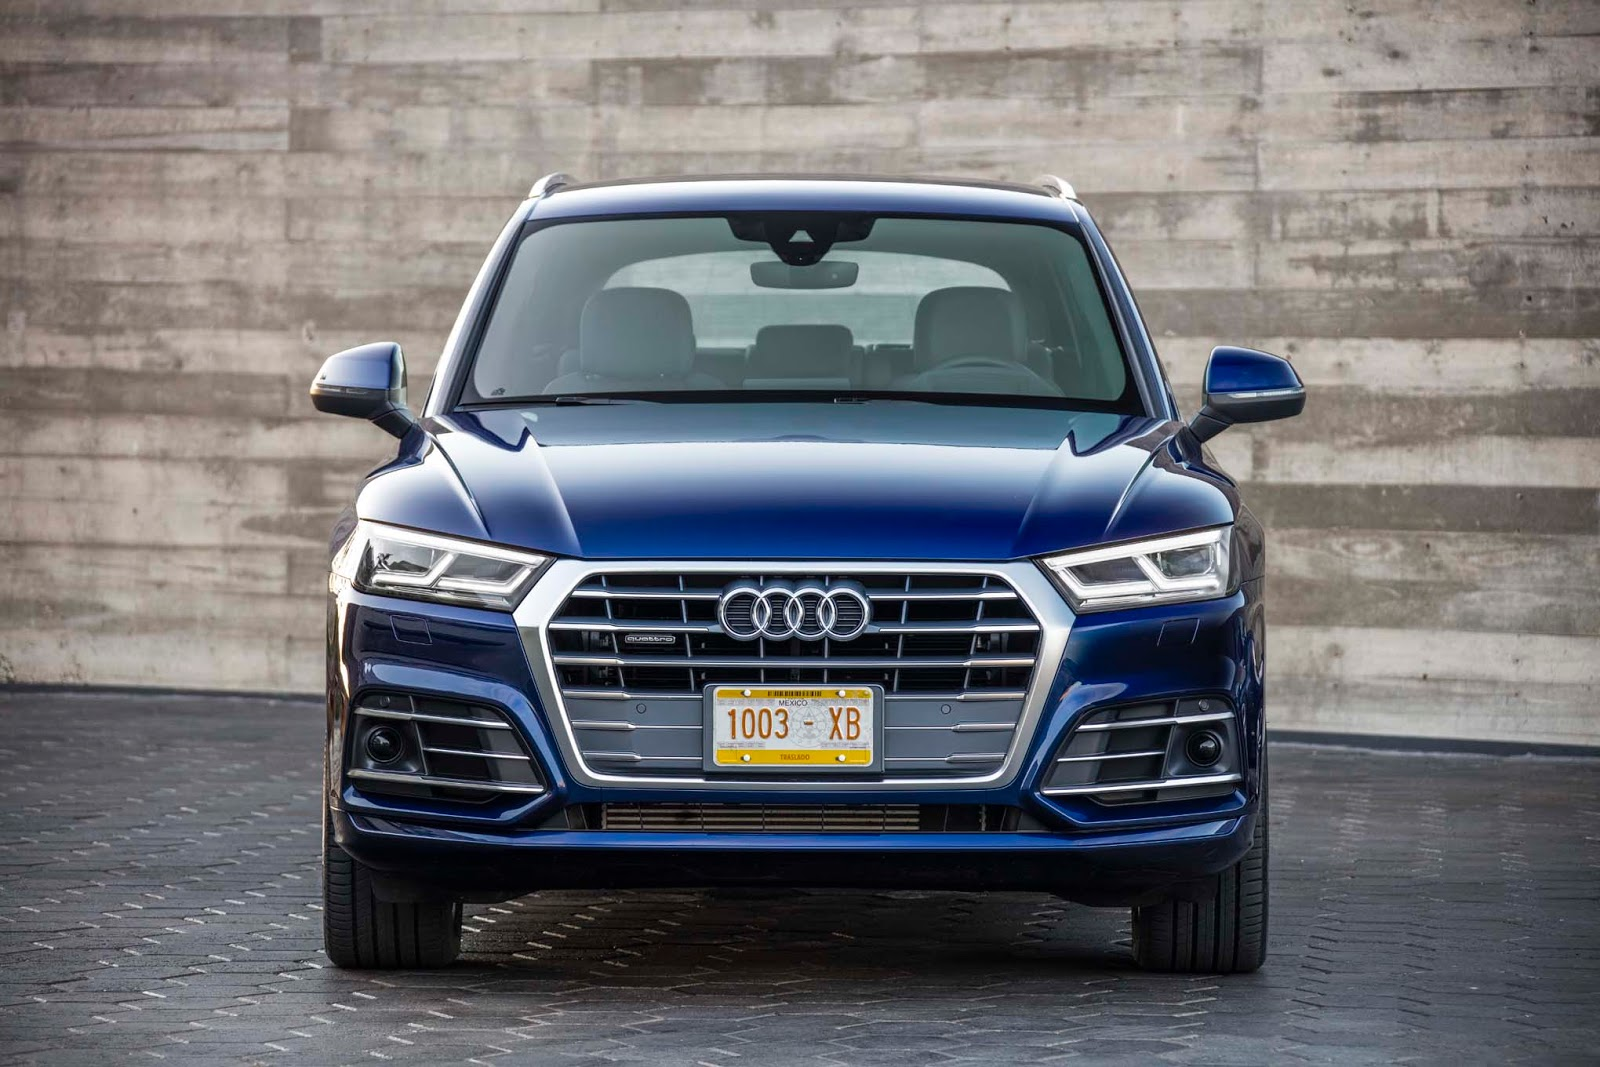 Giá Xe 5 Chỗ Audi Q5 Phiên Bản Đời Mới Model 2020 Bao Nhiêu, XE 5 CHỖ AUDI Q5 2.0 ĐỜI MỚI 2019 GIÁ 2,450 TRIỆU TẠI VIỆT NAM, MÀU TRẮNG, MÀU ĐỎ, MÀU XANH, XE Q5 SUV 2019 BAO NHIÊU TIỀN, AUDI Q5 MÀU BẠC, AUDI TÔN ĐỨC THẮNG,